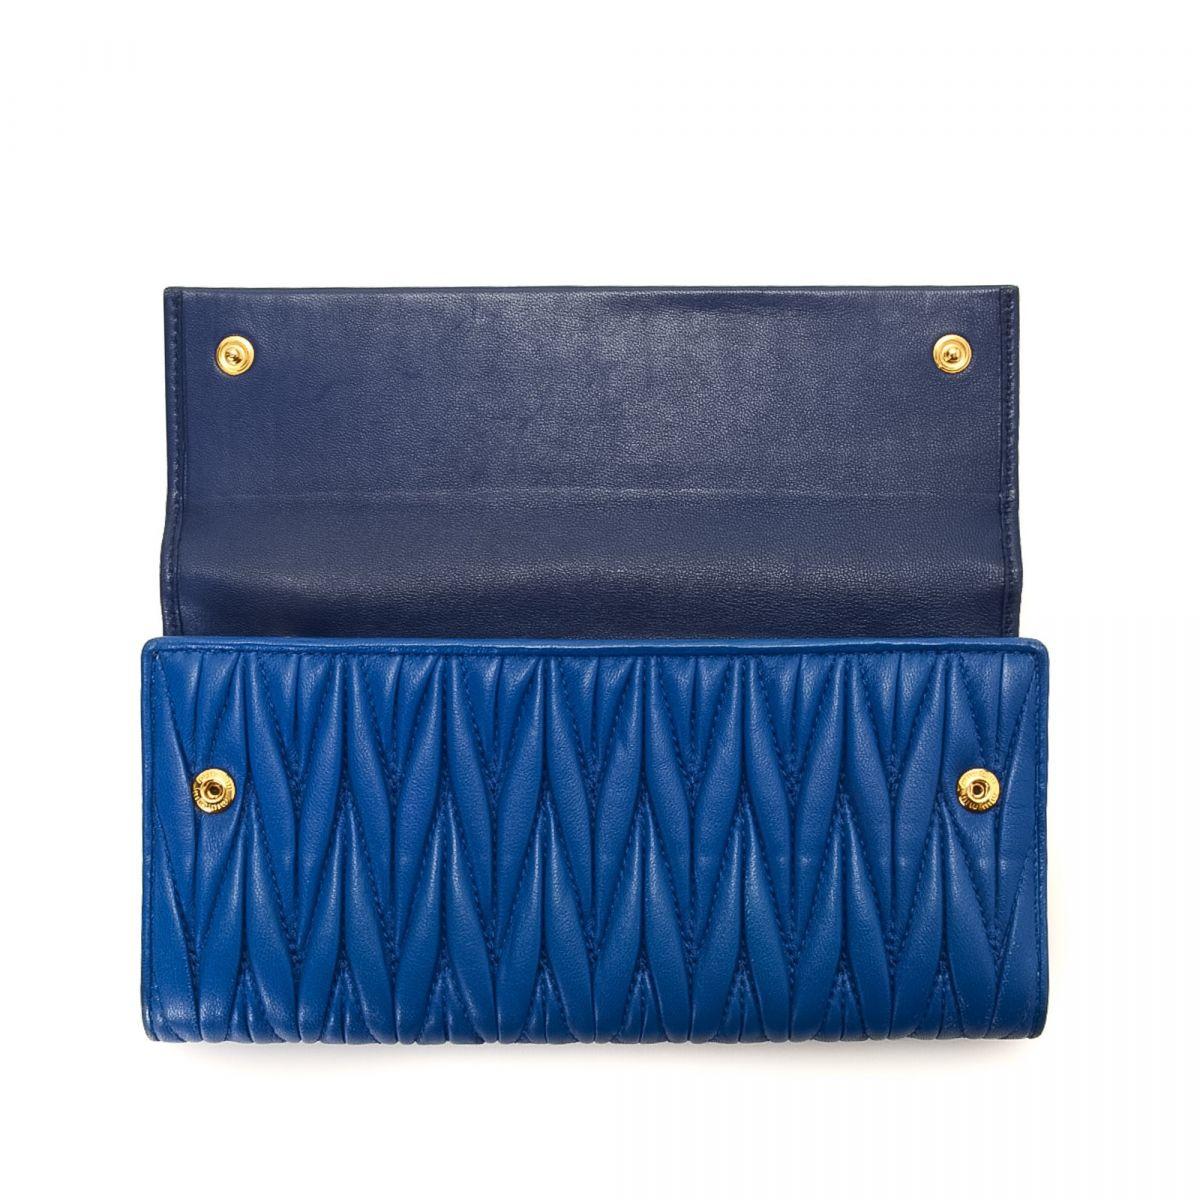 Miu Miu Wallet Blue